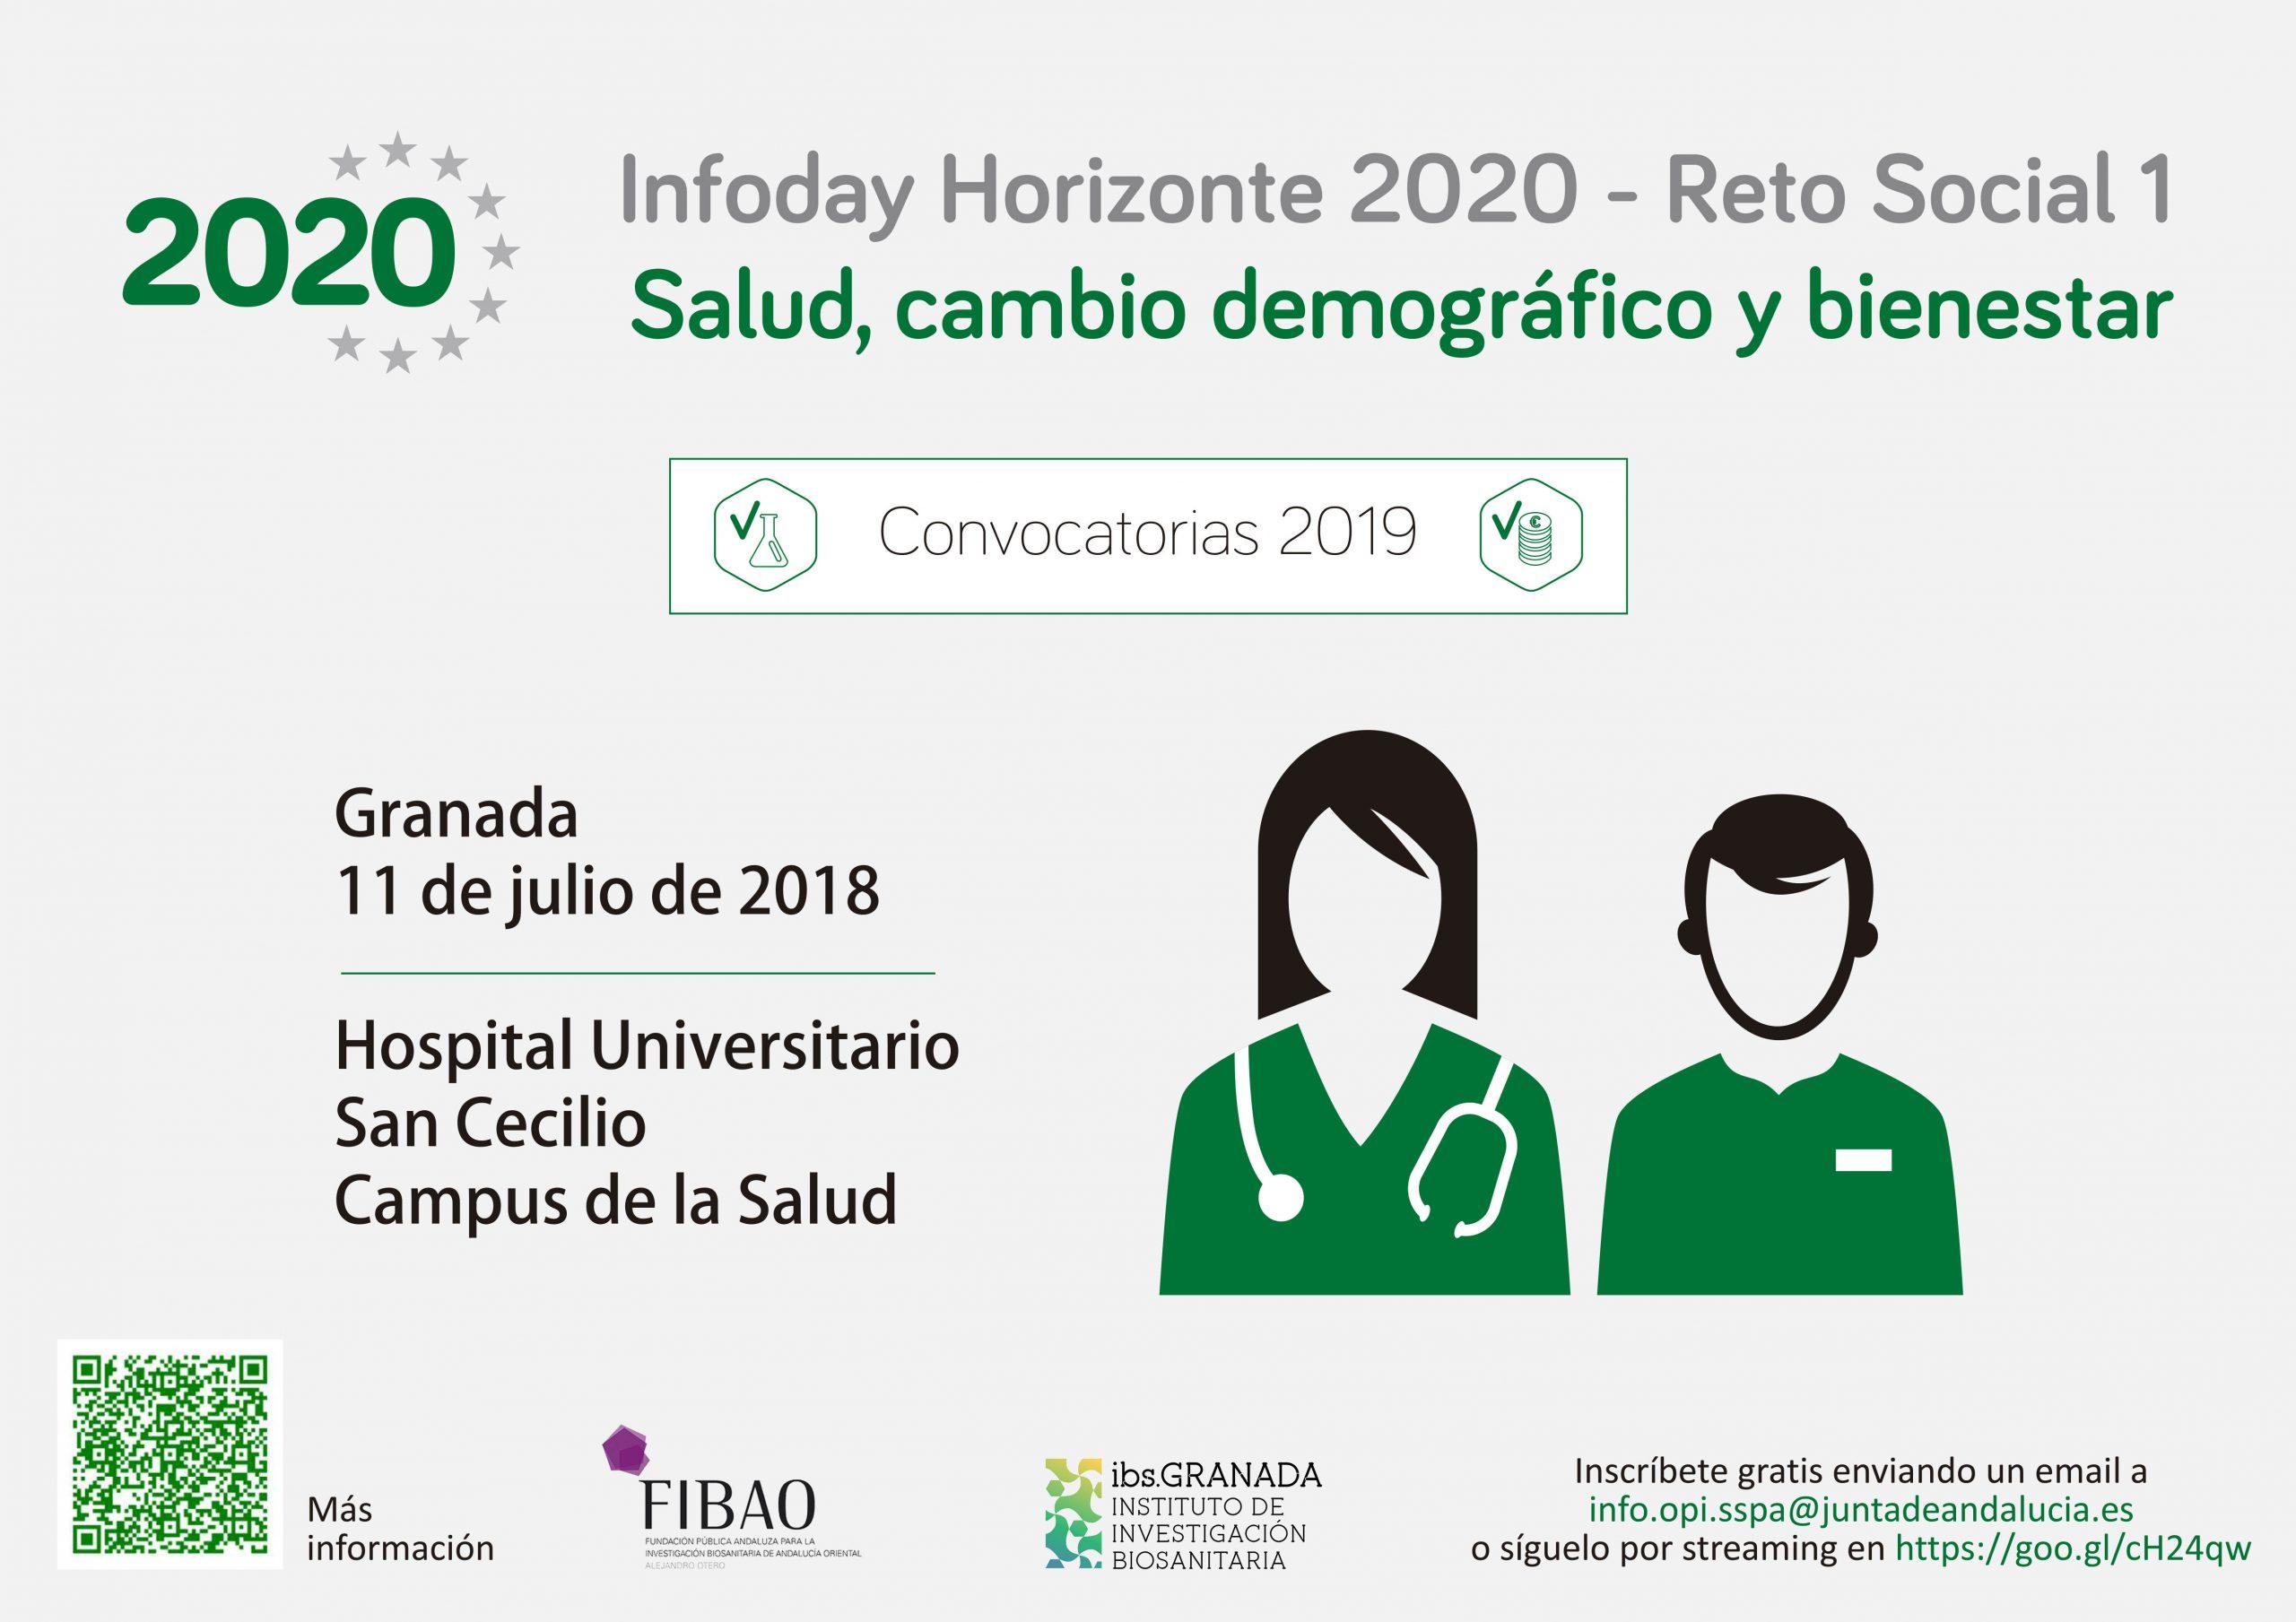 Infoday Horizonte 2020